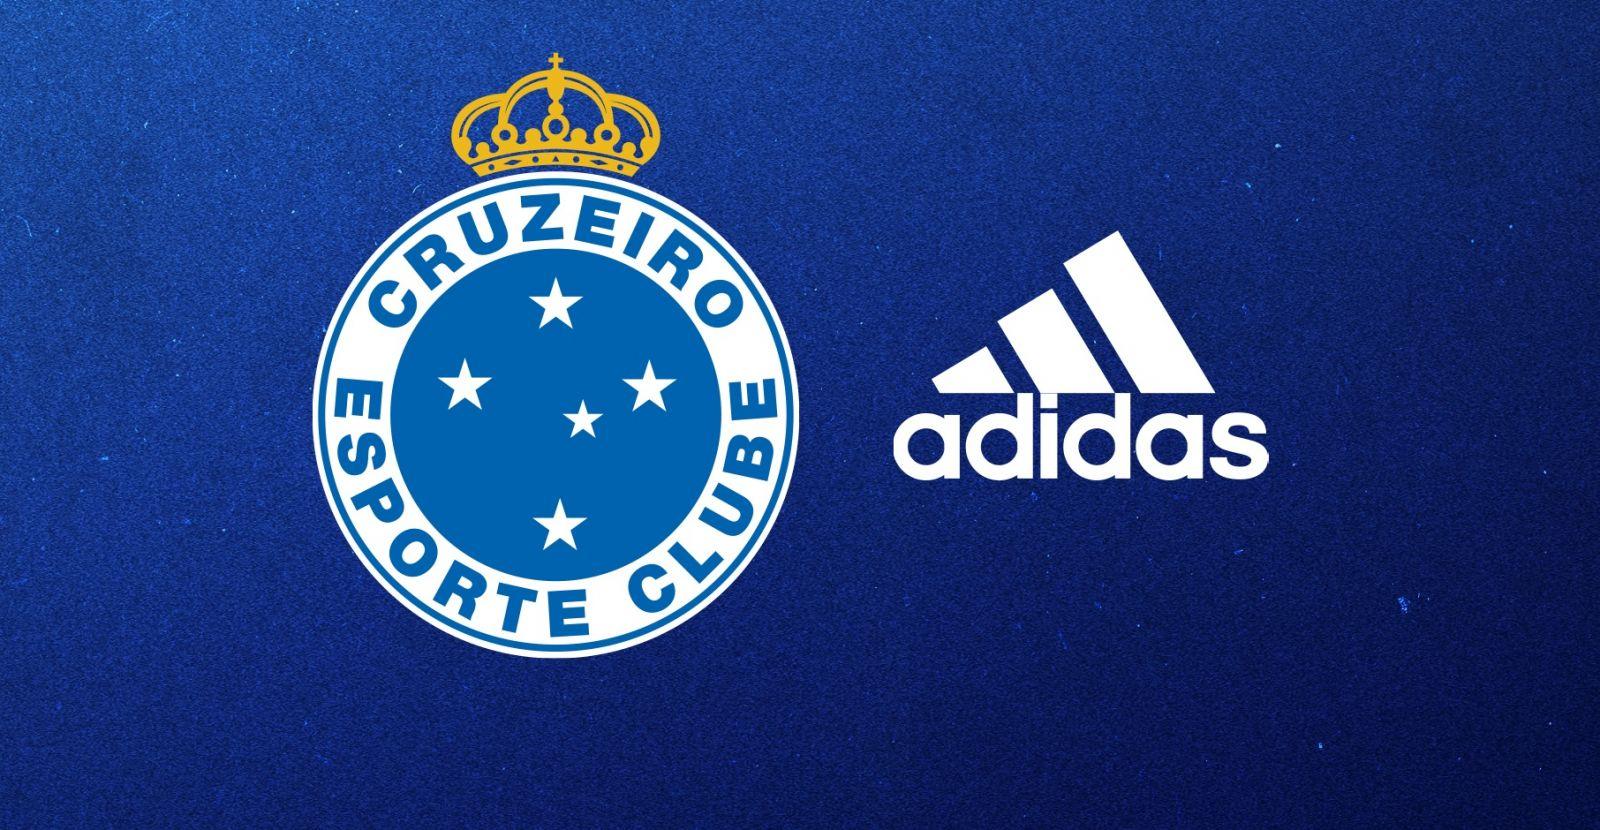 Cruzeiro E Adidas Se Re U00fanem E Parceria Ser U00e1 Mantida